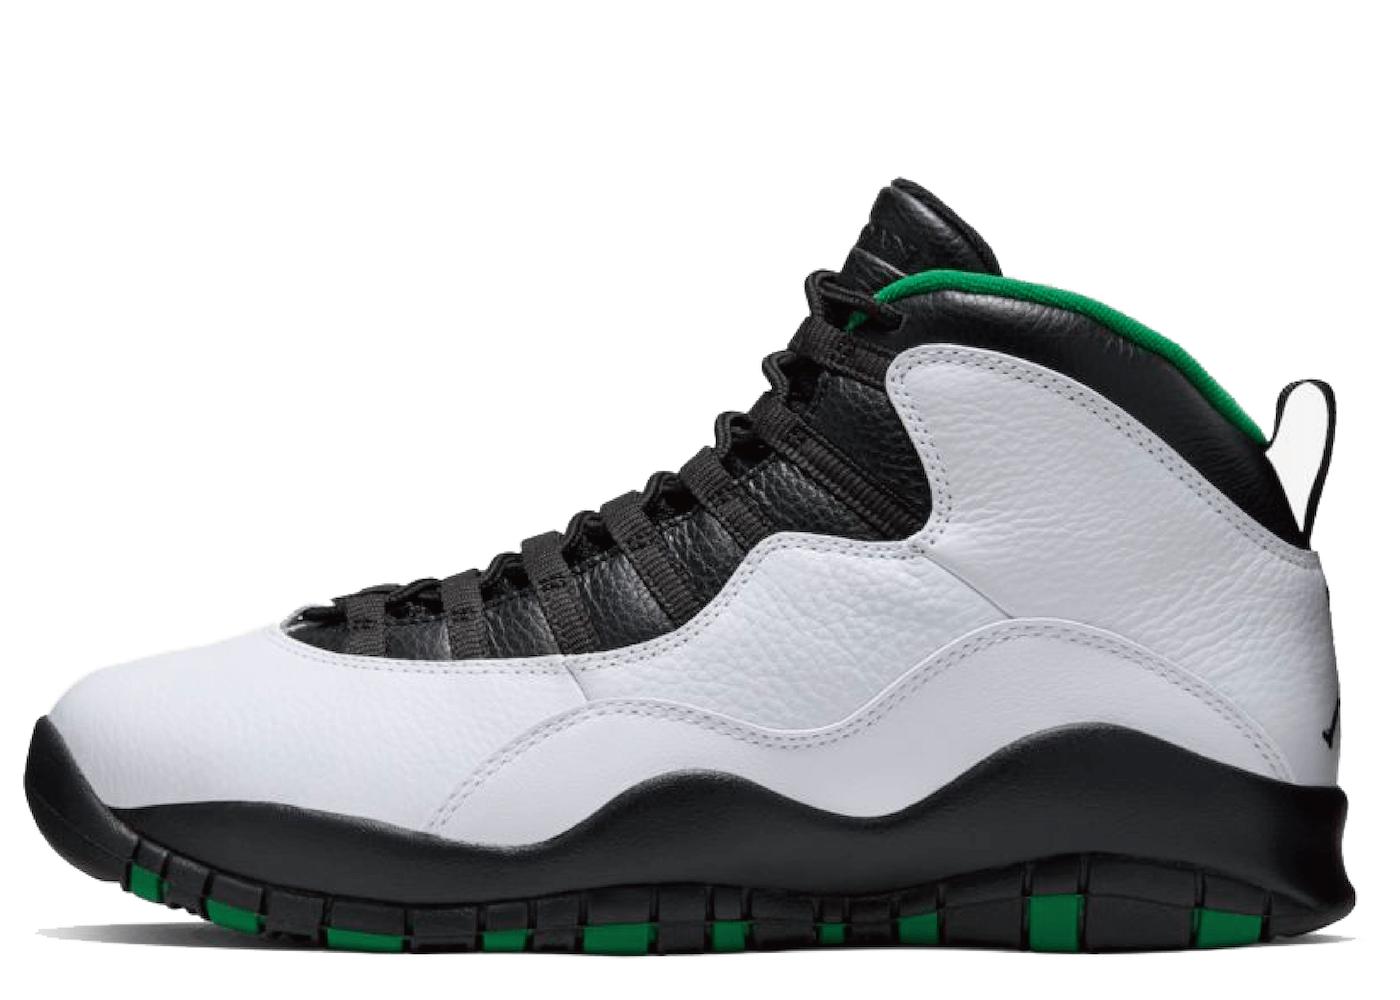 Nike Air Jordan 10 Retro Seattleの写真